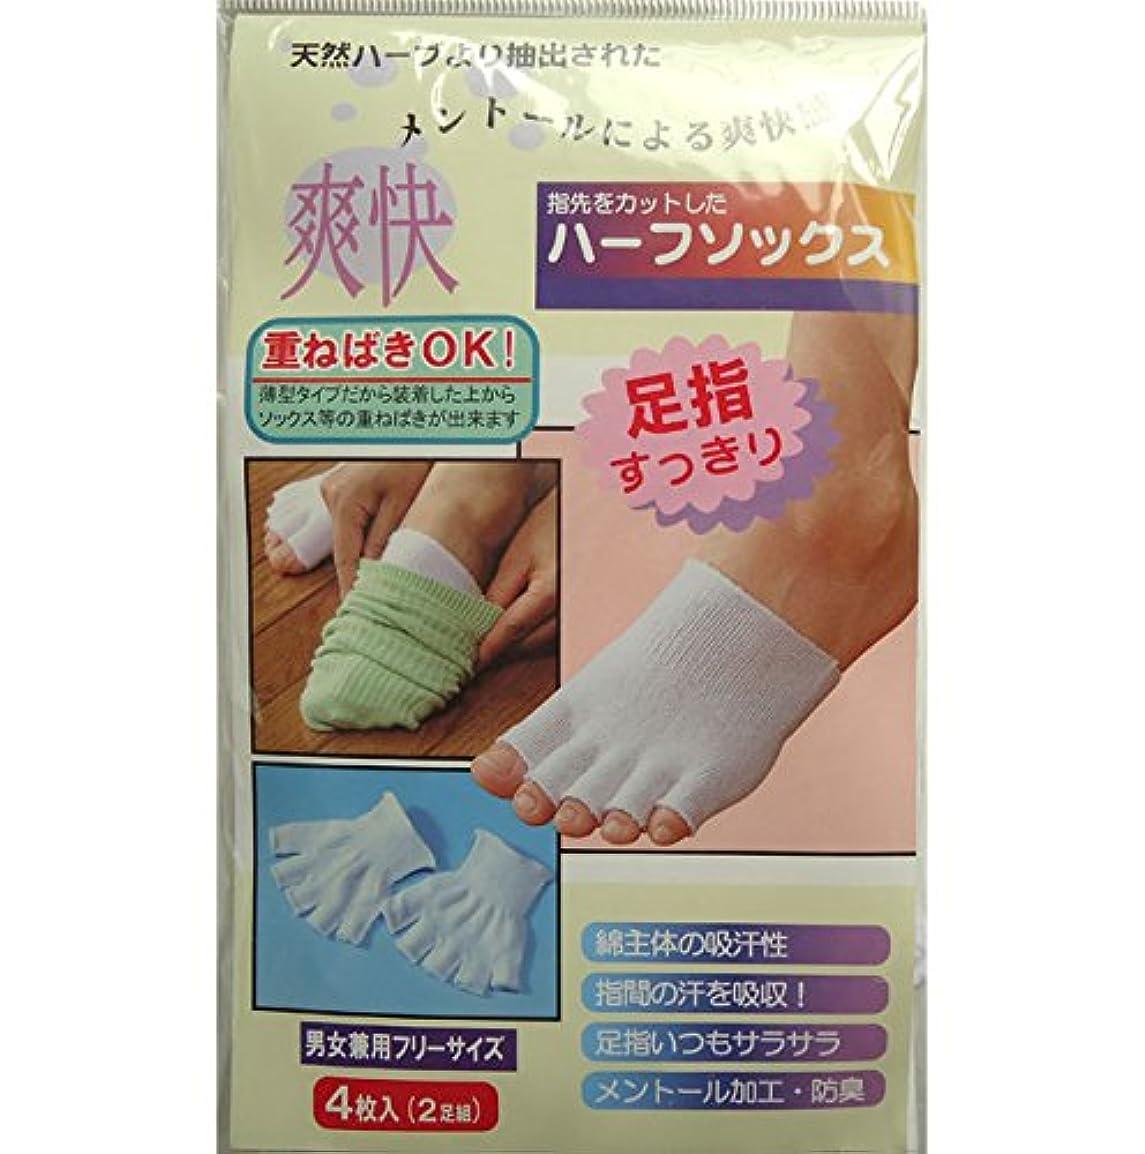 ブレス粘性のフルーツ野菜日本製 ハーフソックス 5本指 綿 抗菌防臭 メンズ レディースお買得2足組(ホワイト)